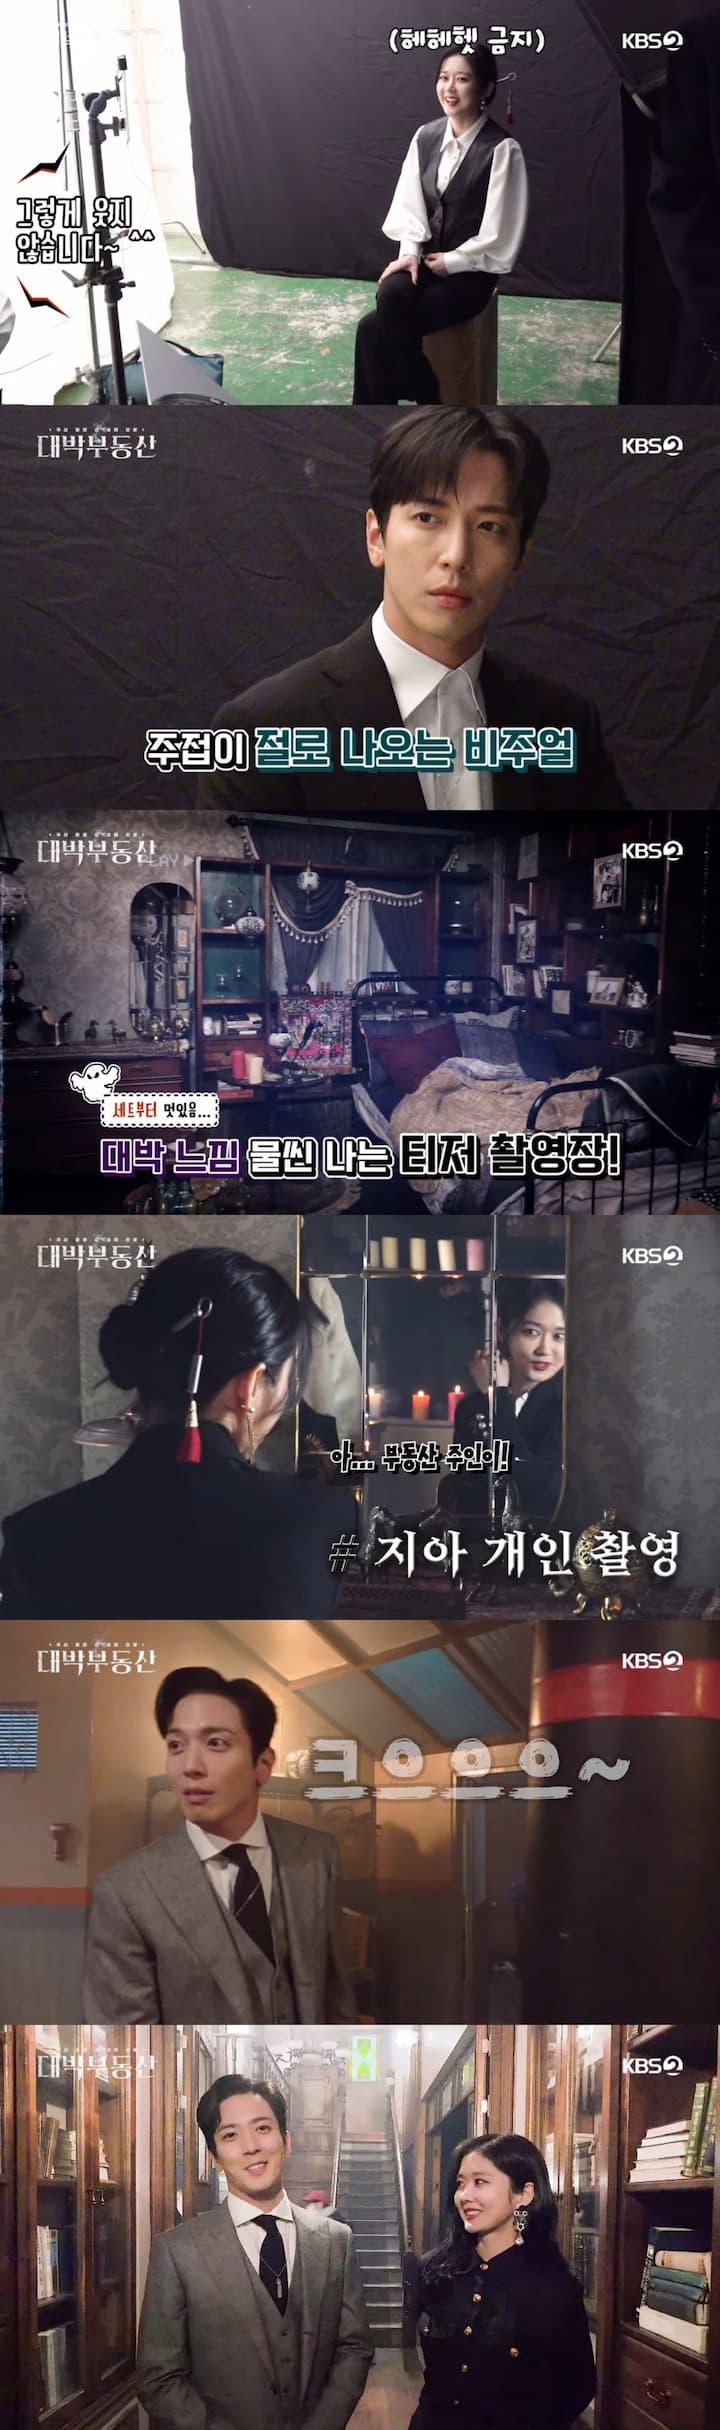 เยื้องหลัง Sell Your Haunted House จงนารา - จองยงฮวา